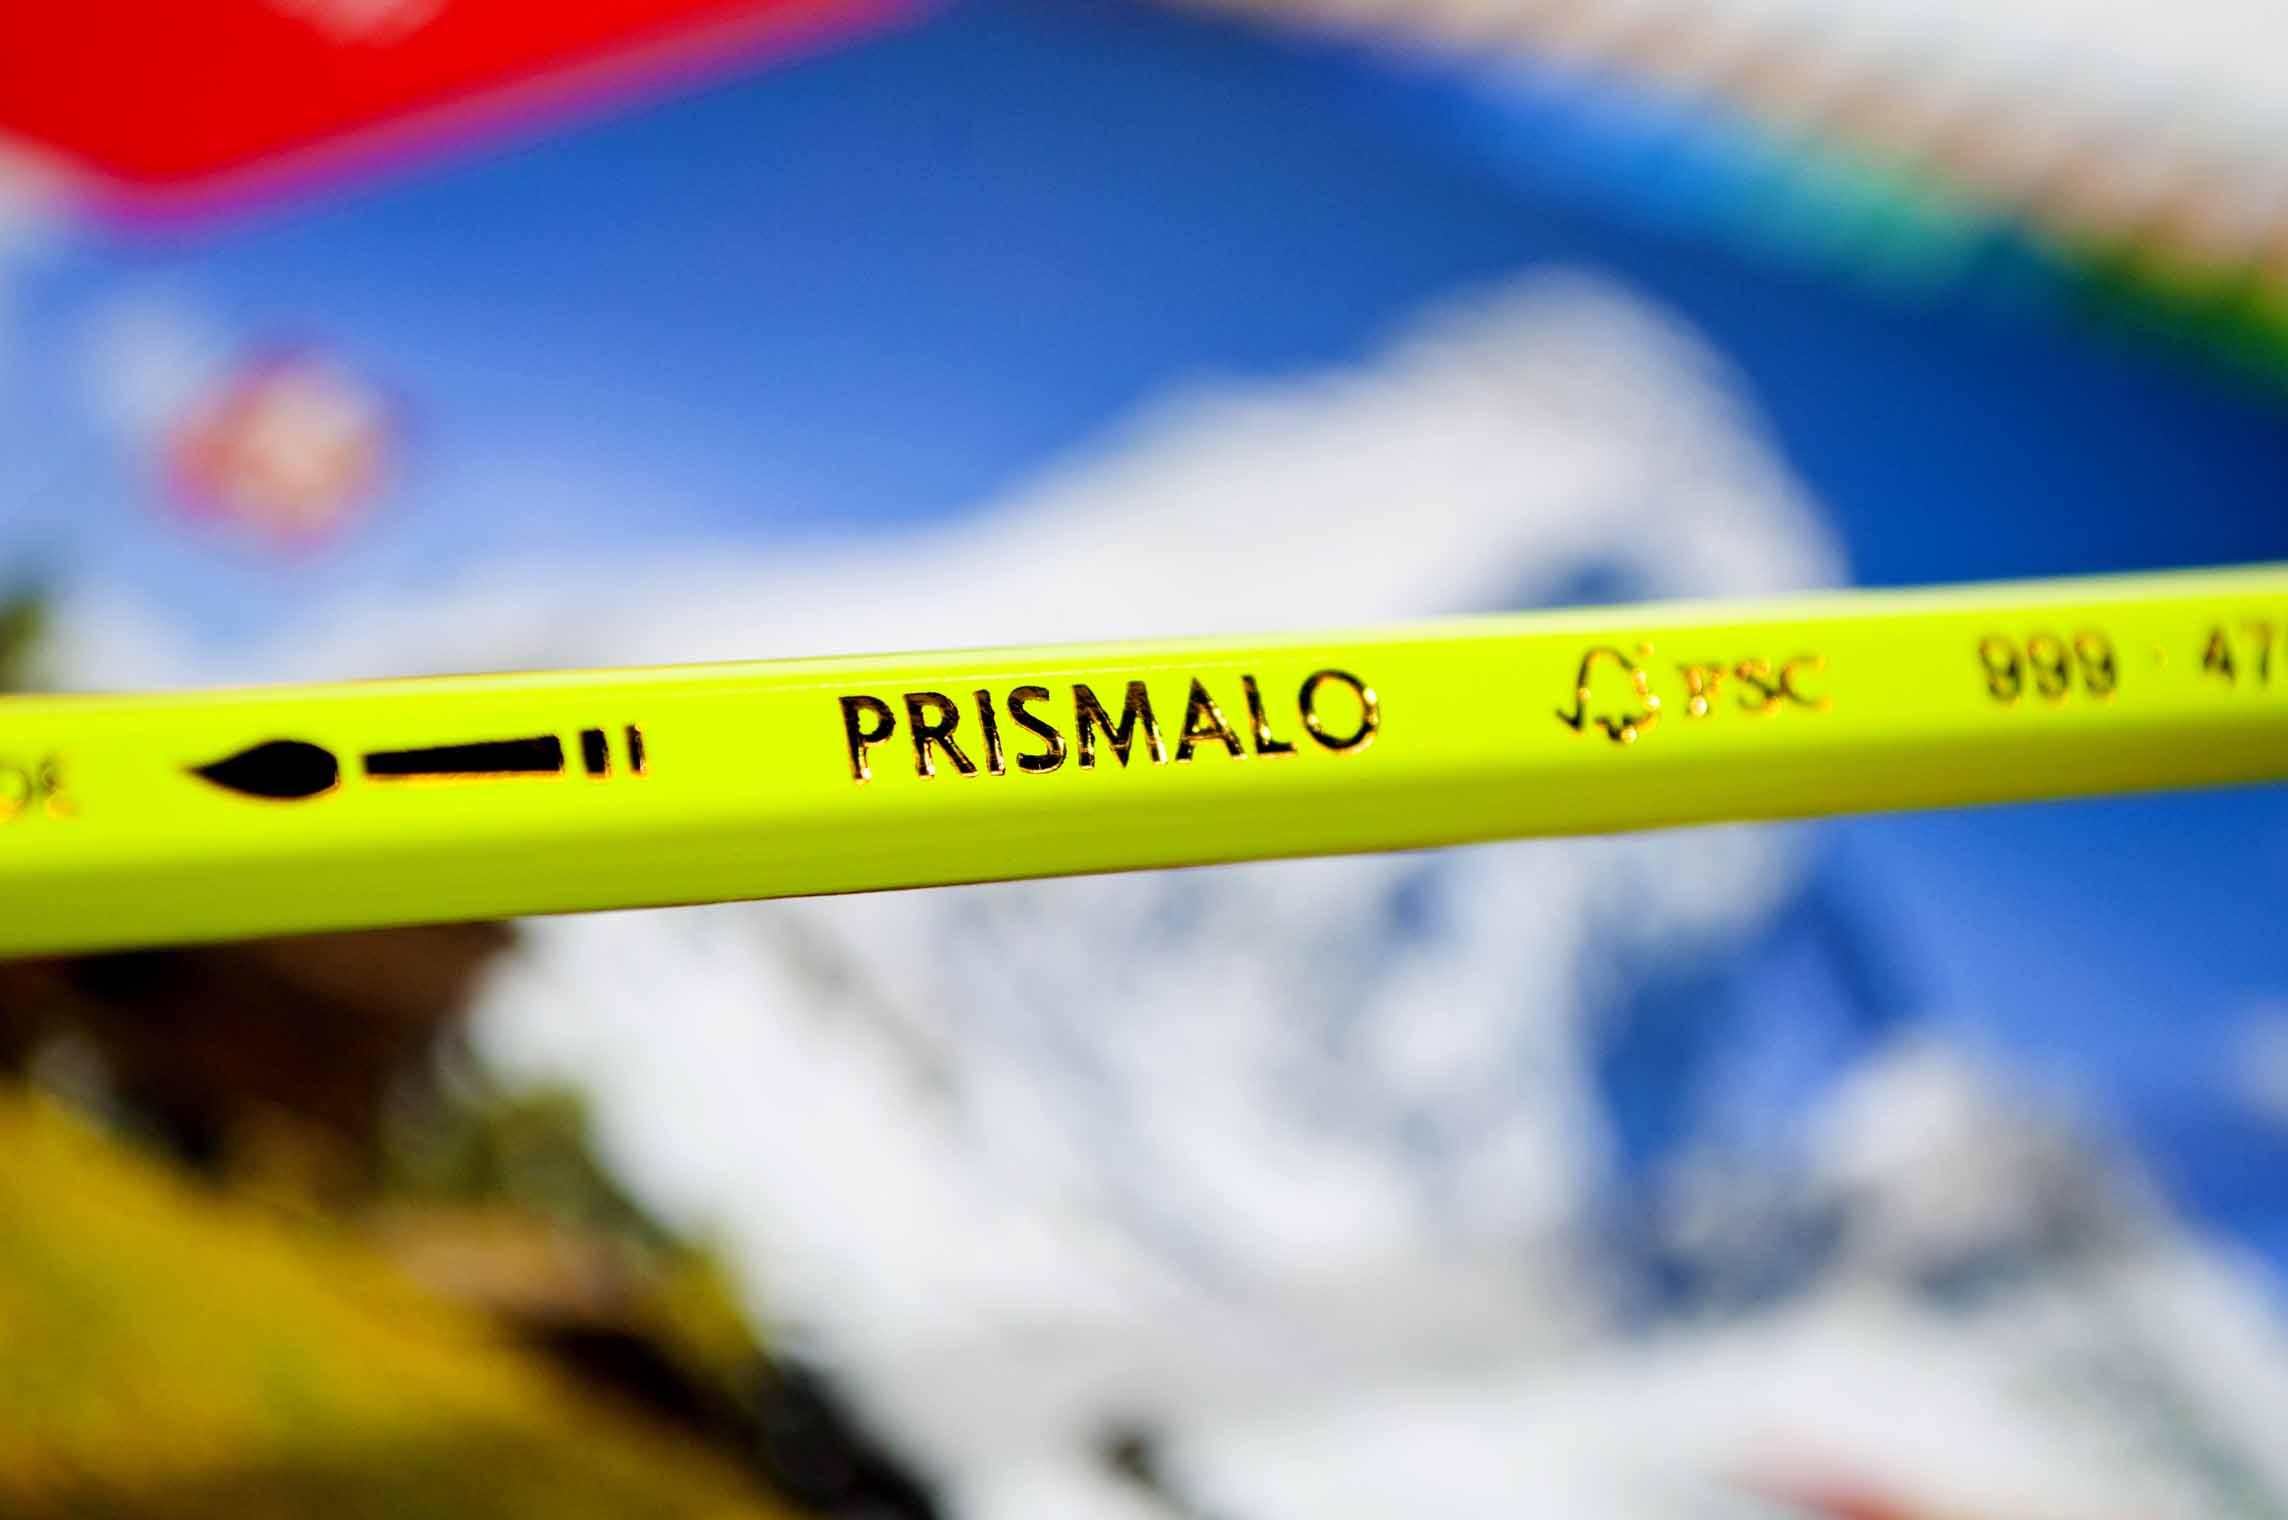 Prismola Name On Barrel.jpg